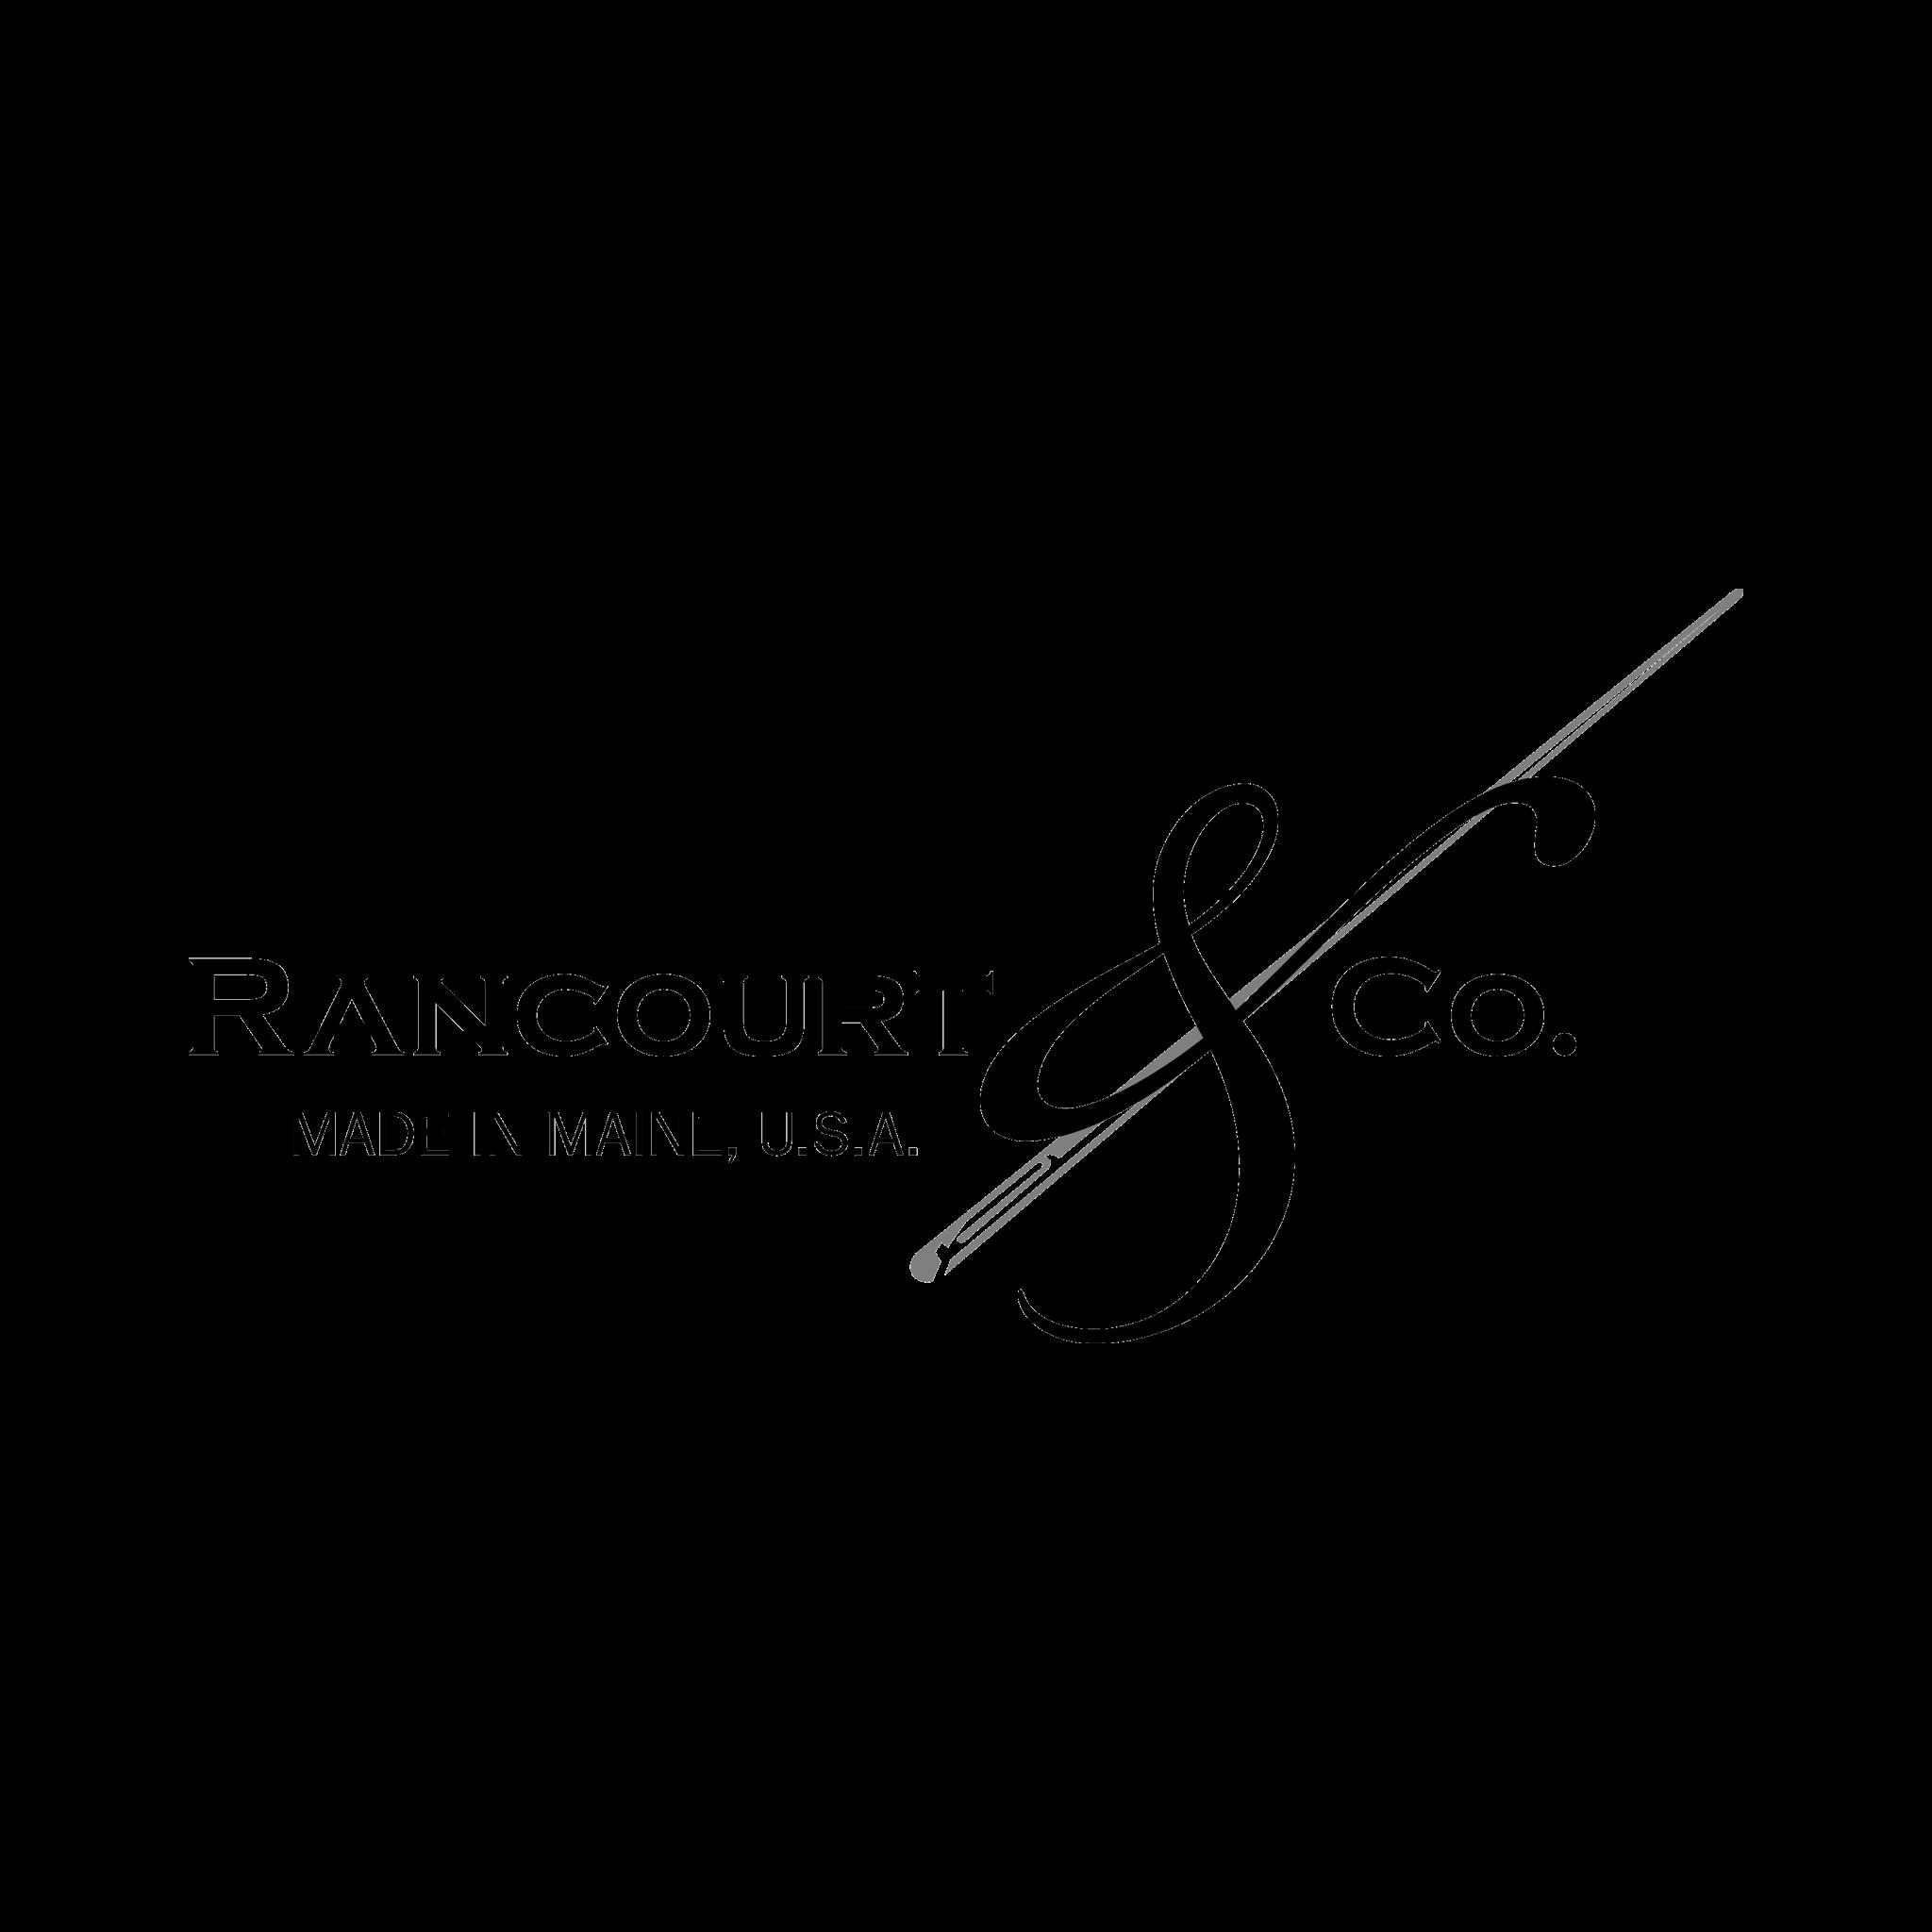 Mustavalkoinen rancourt and co logo